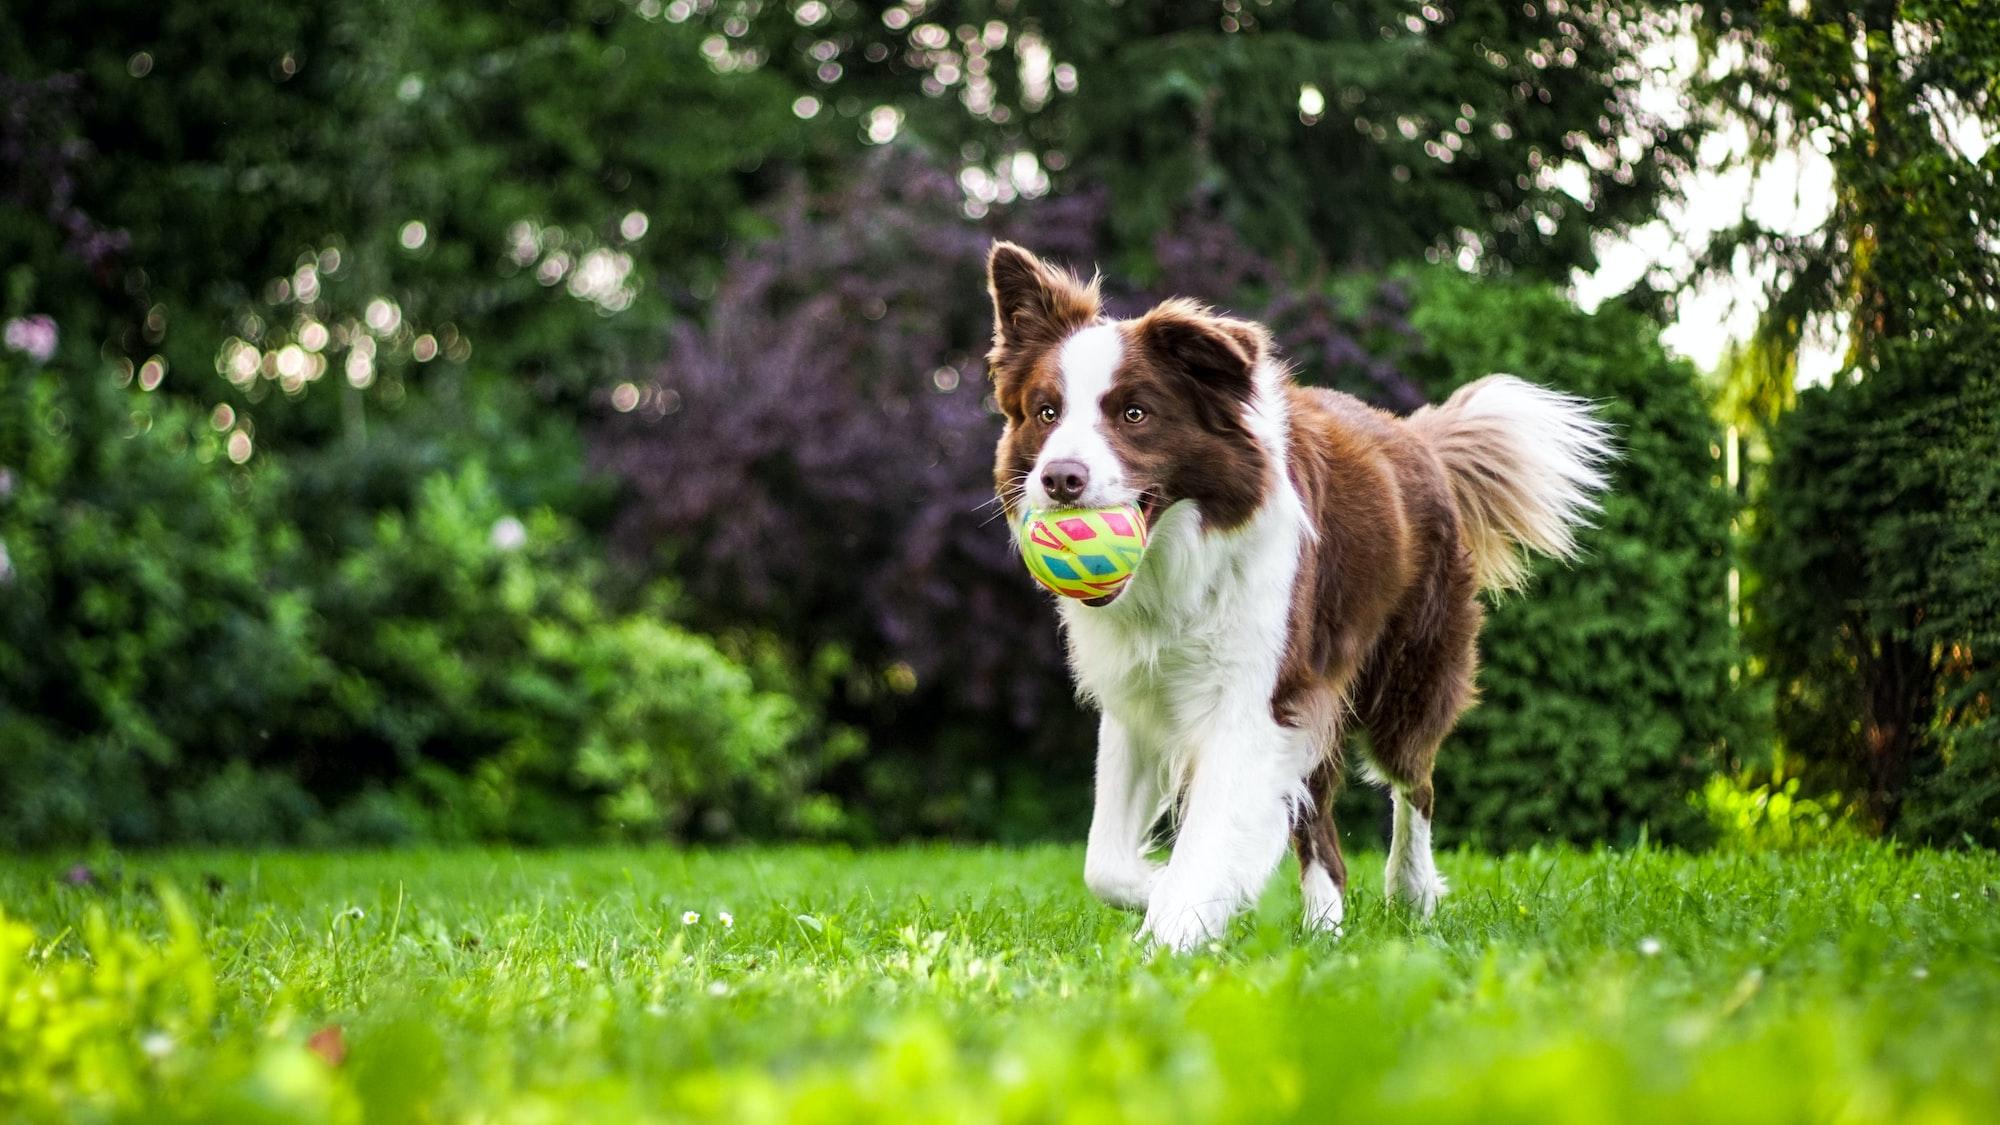 Quali giochi scegliere per il nostro cane?